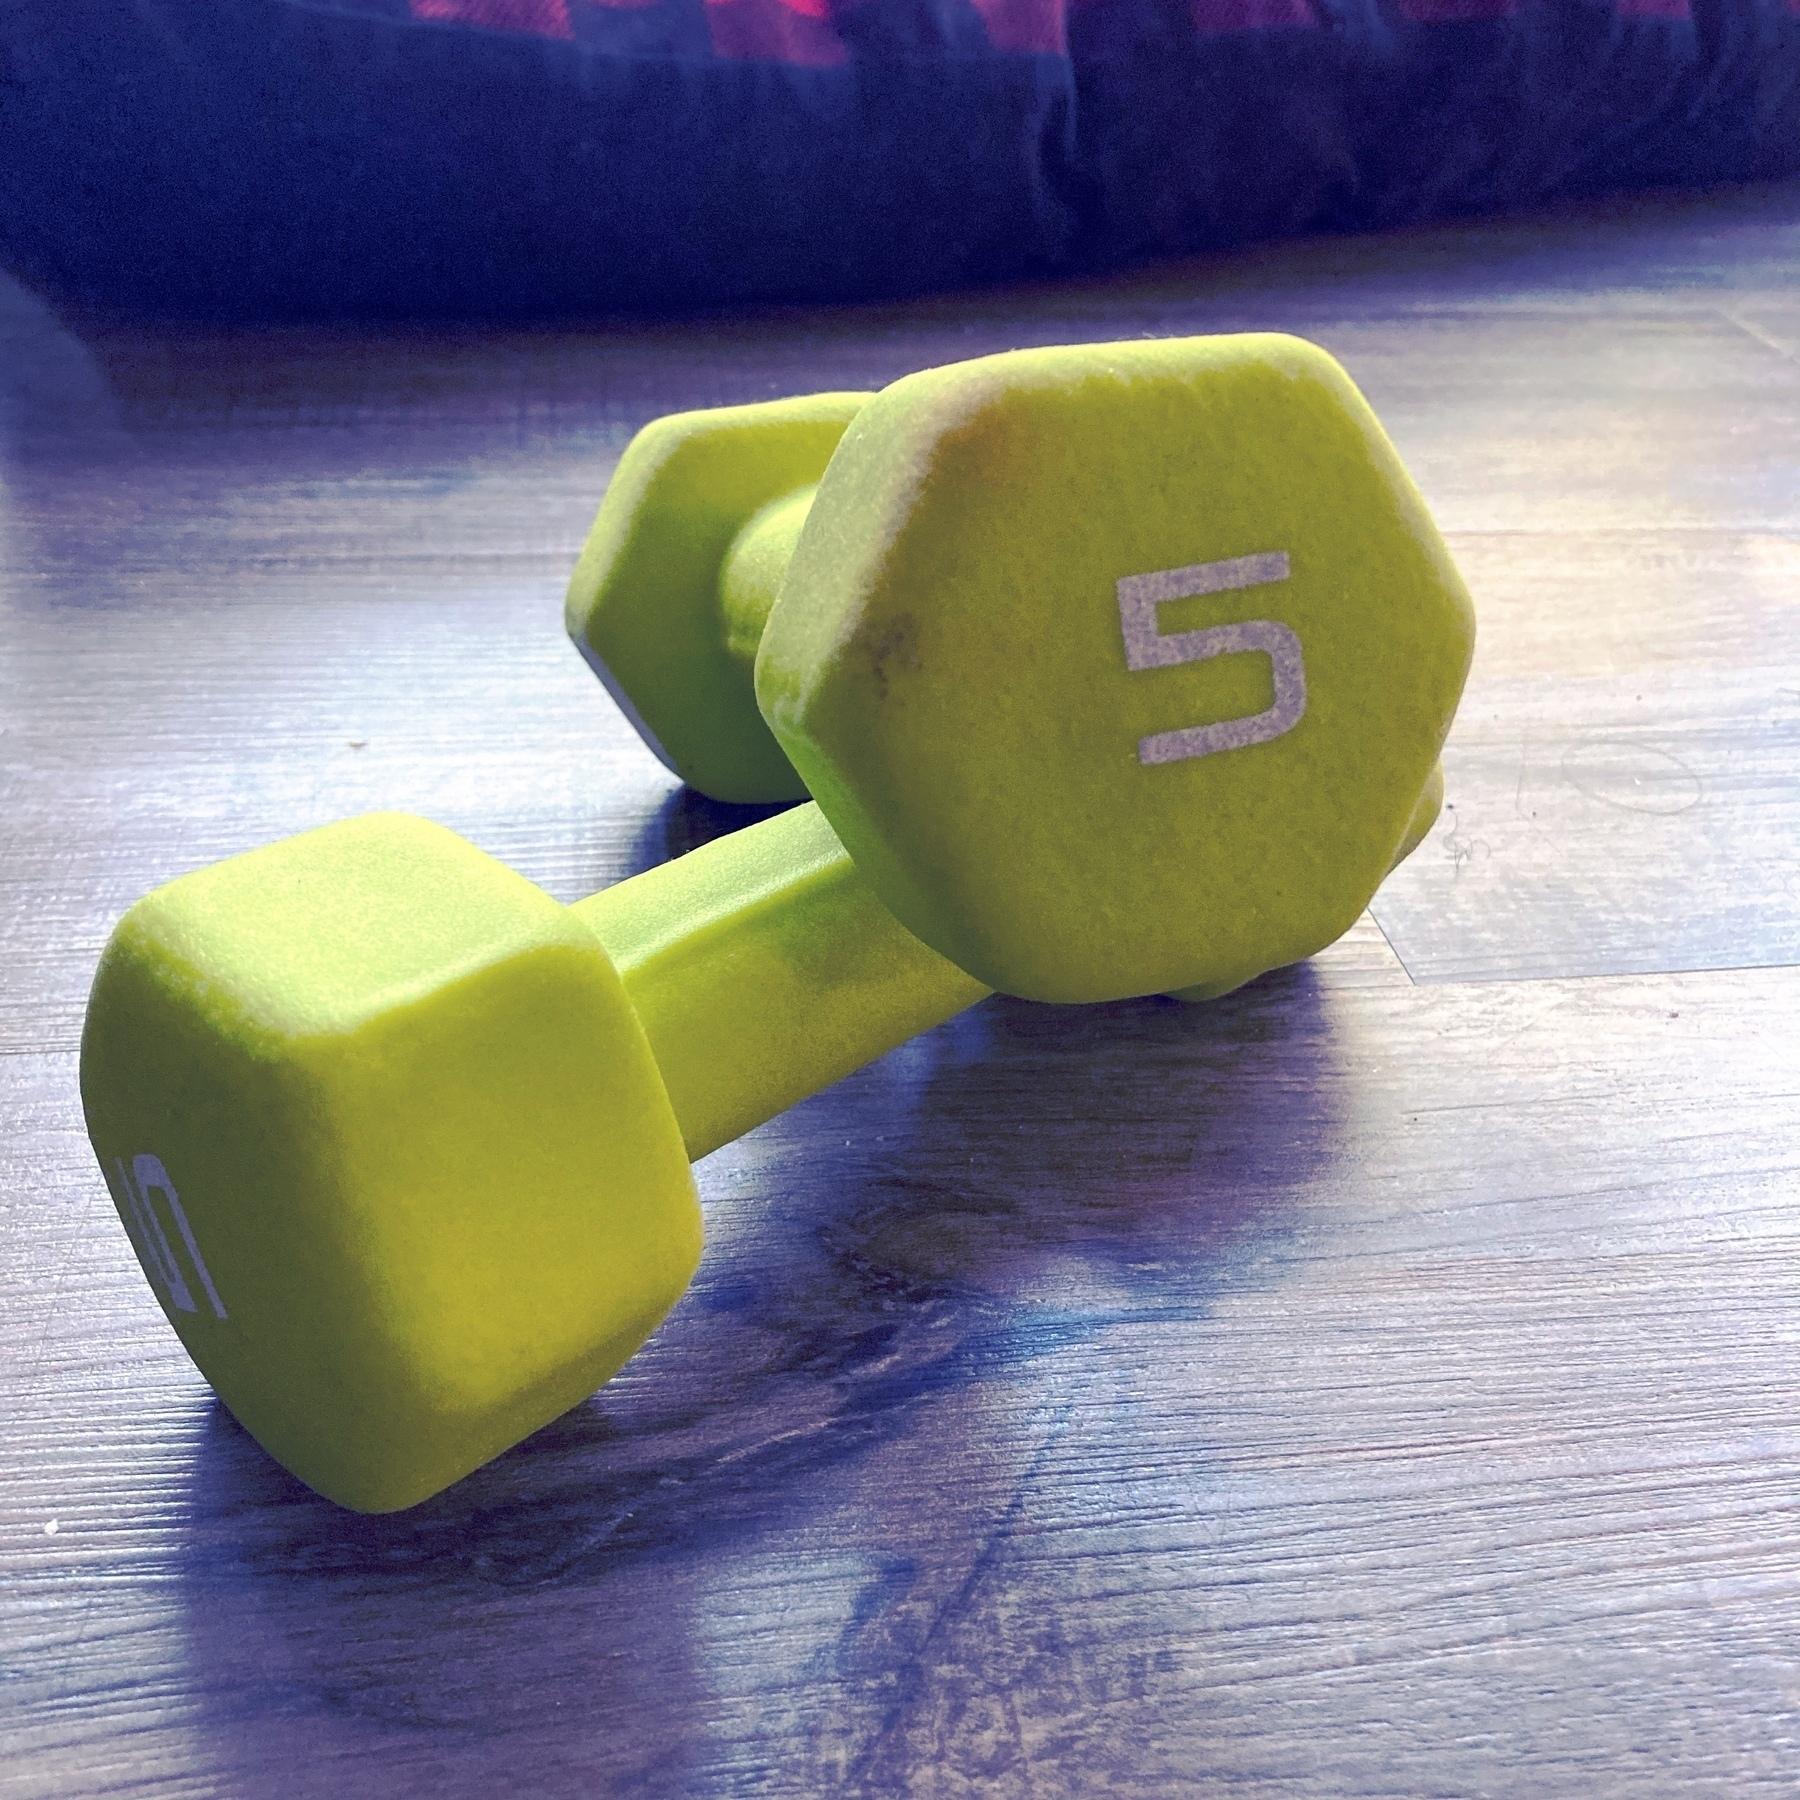 5 pound weights.